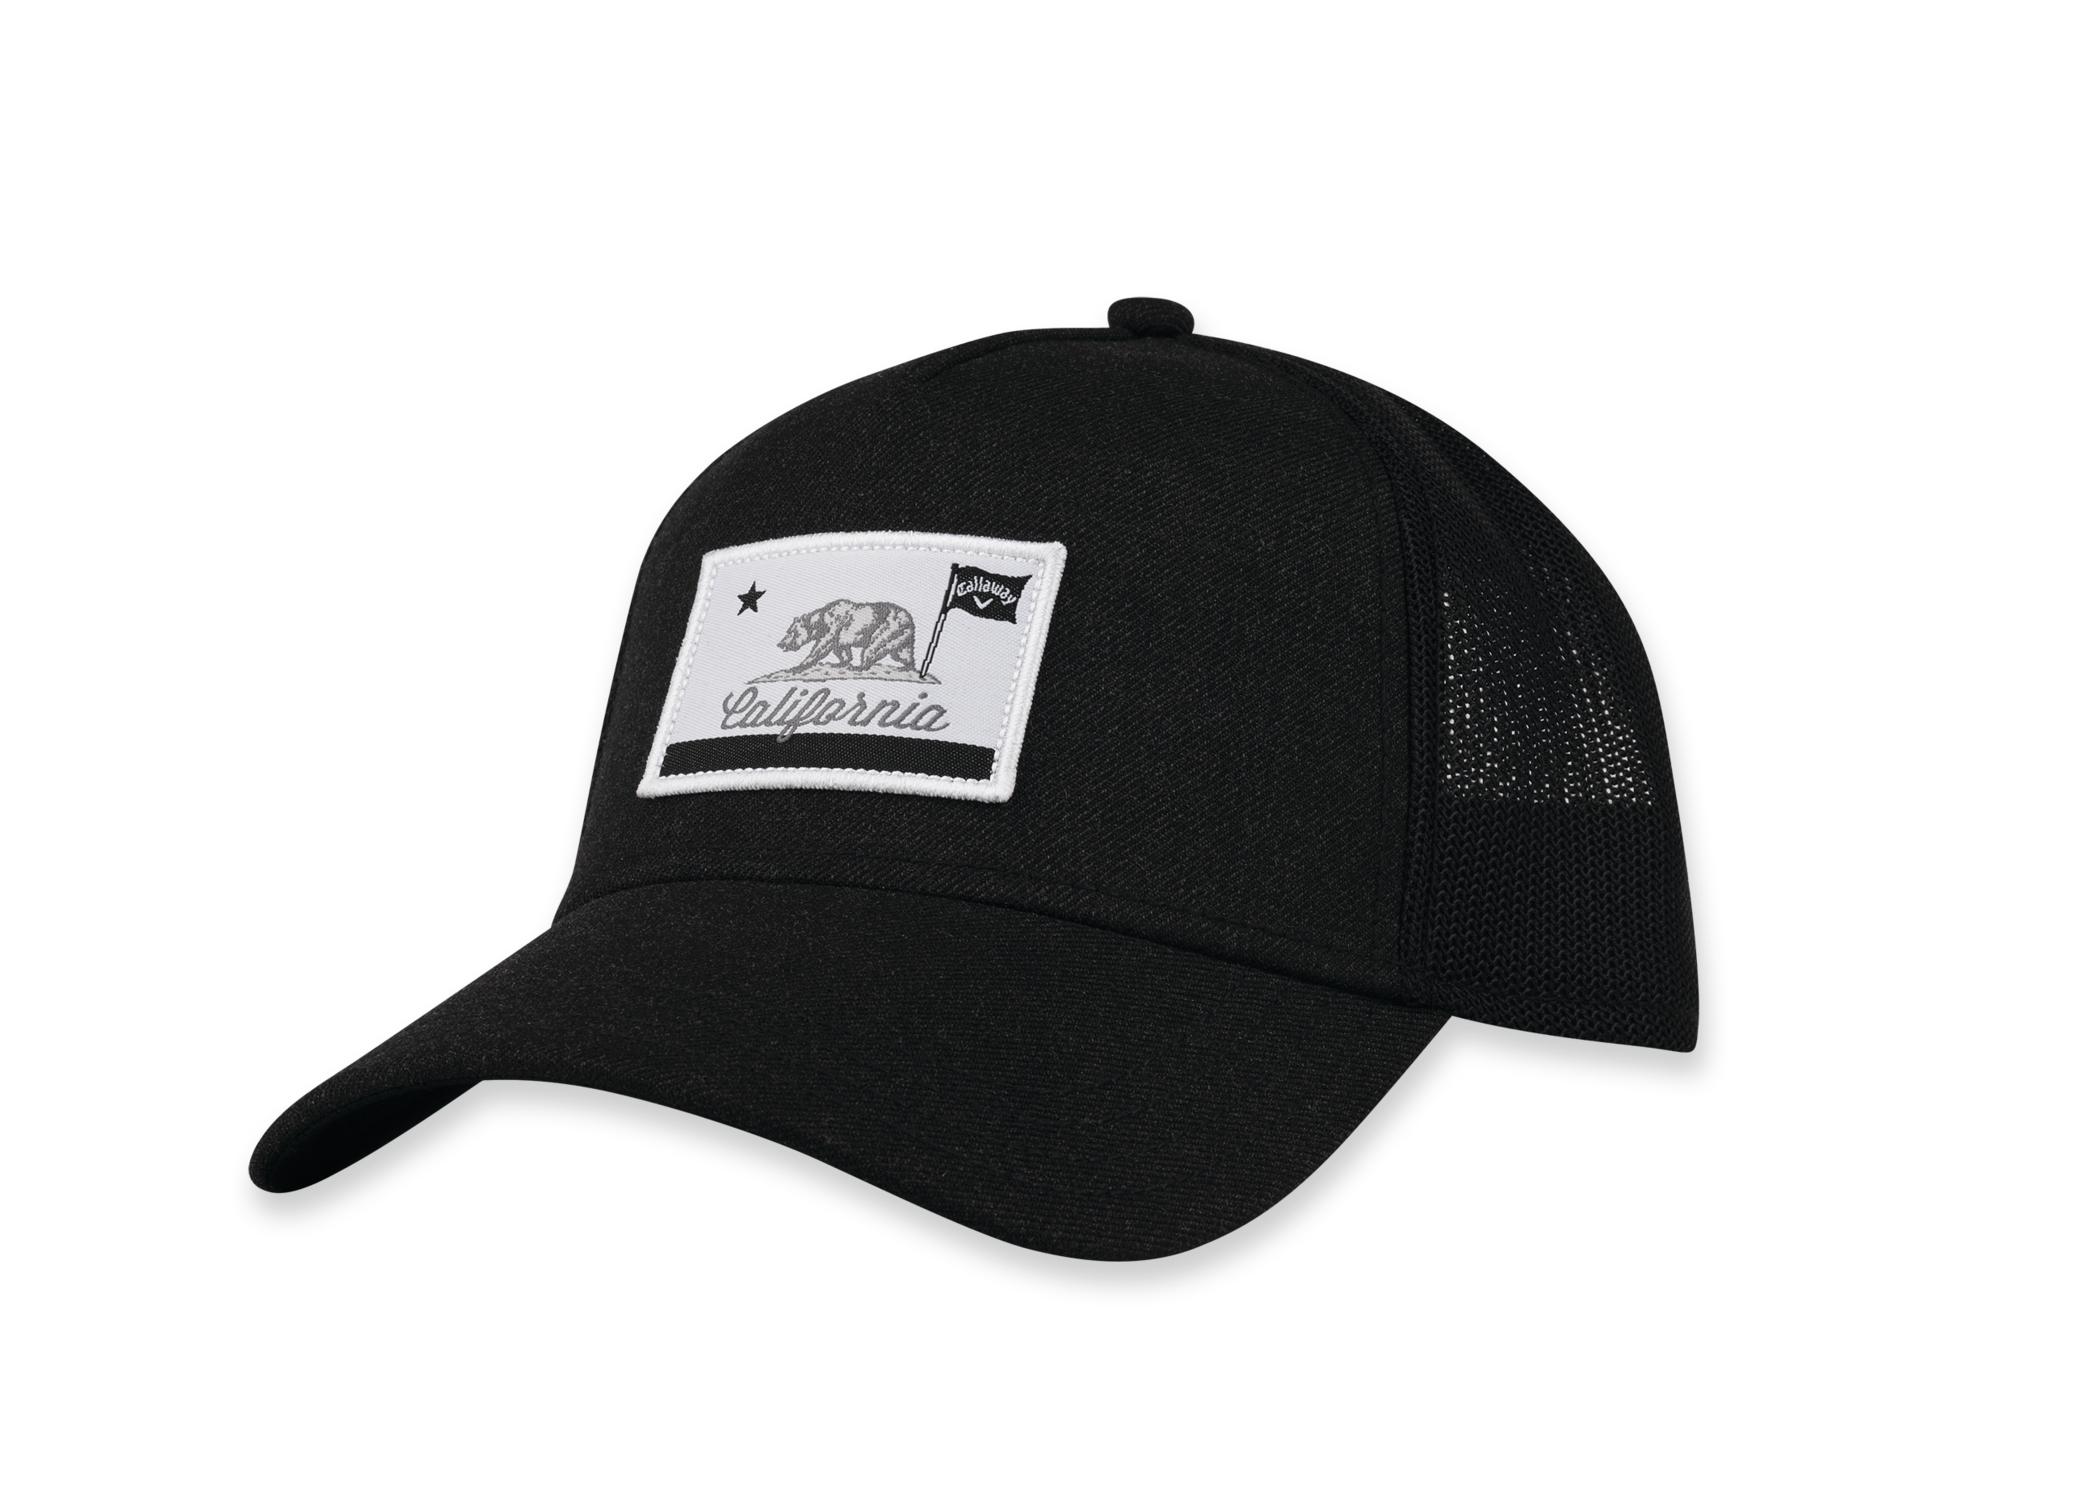 fb636662852 Callaway Golf- Cali Trucker Cap